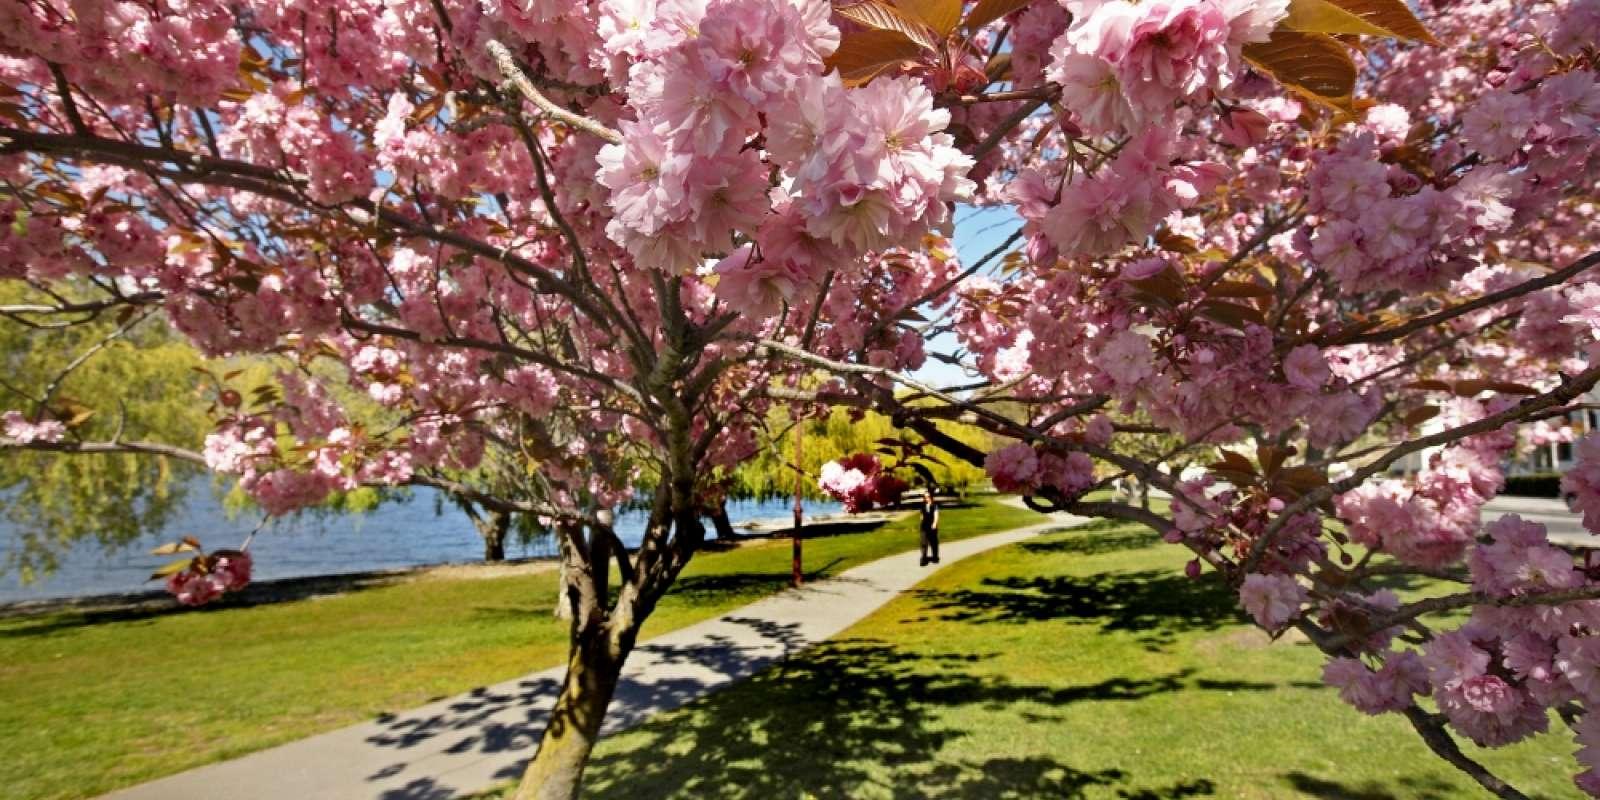 Lake Esplanade in spring